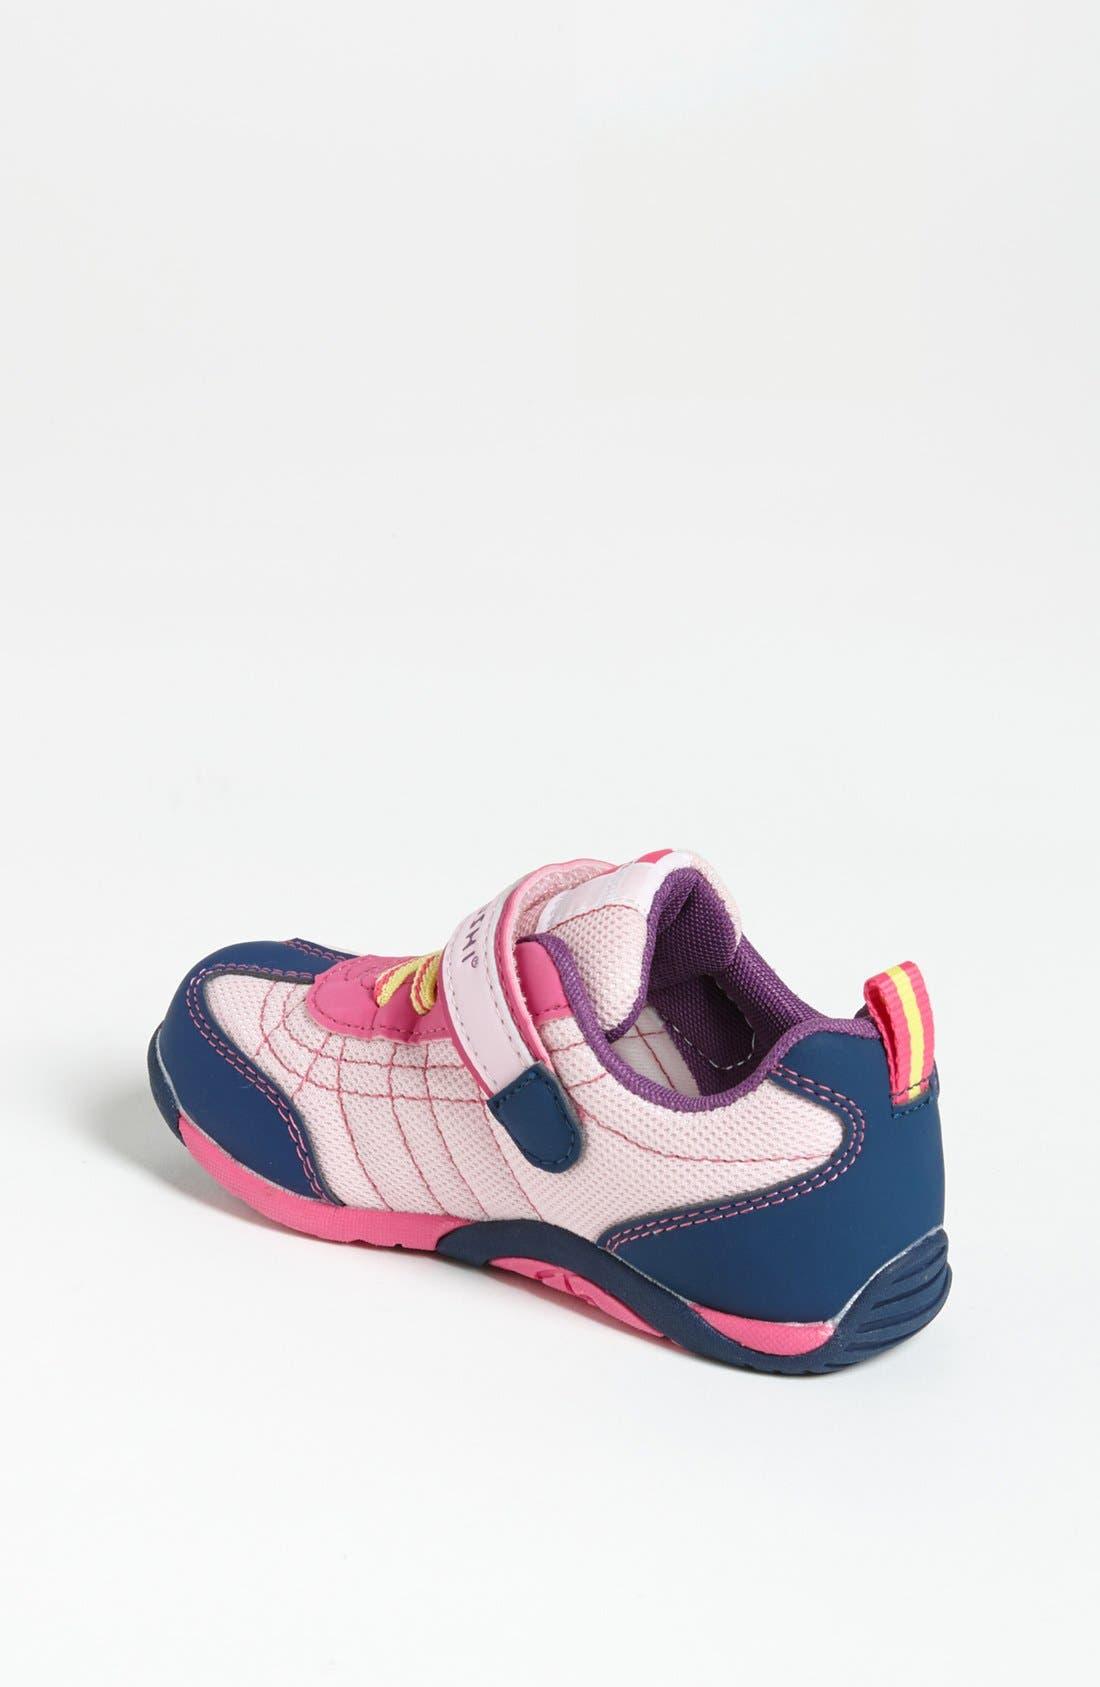 Alternate Image 2  - Tsukihoshi 'Child 21' Sneaker (Toddler)